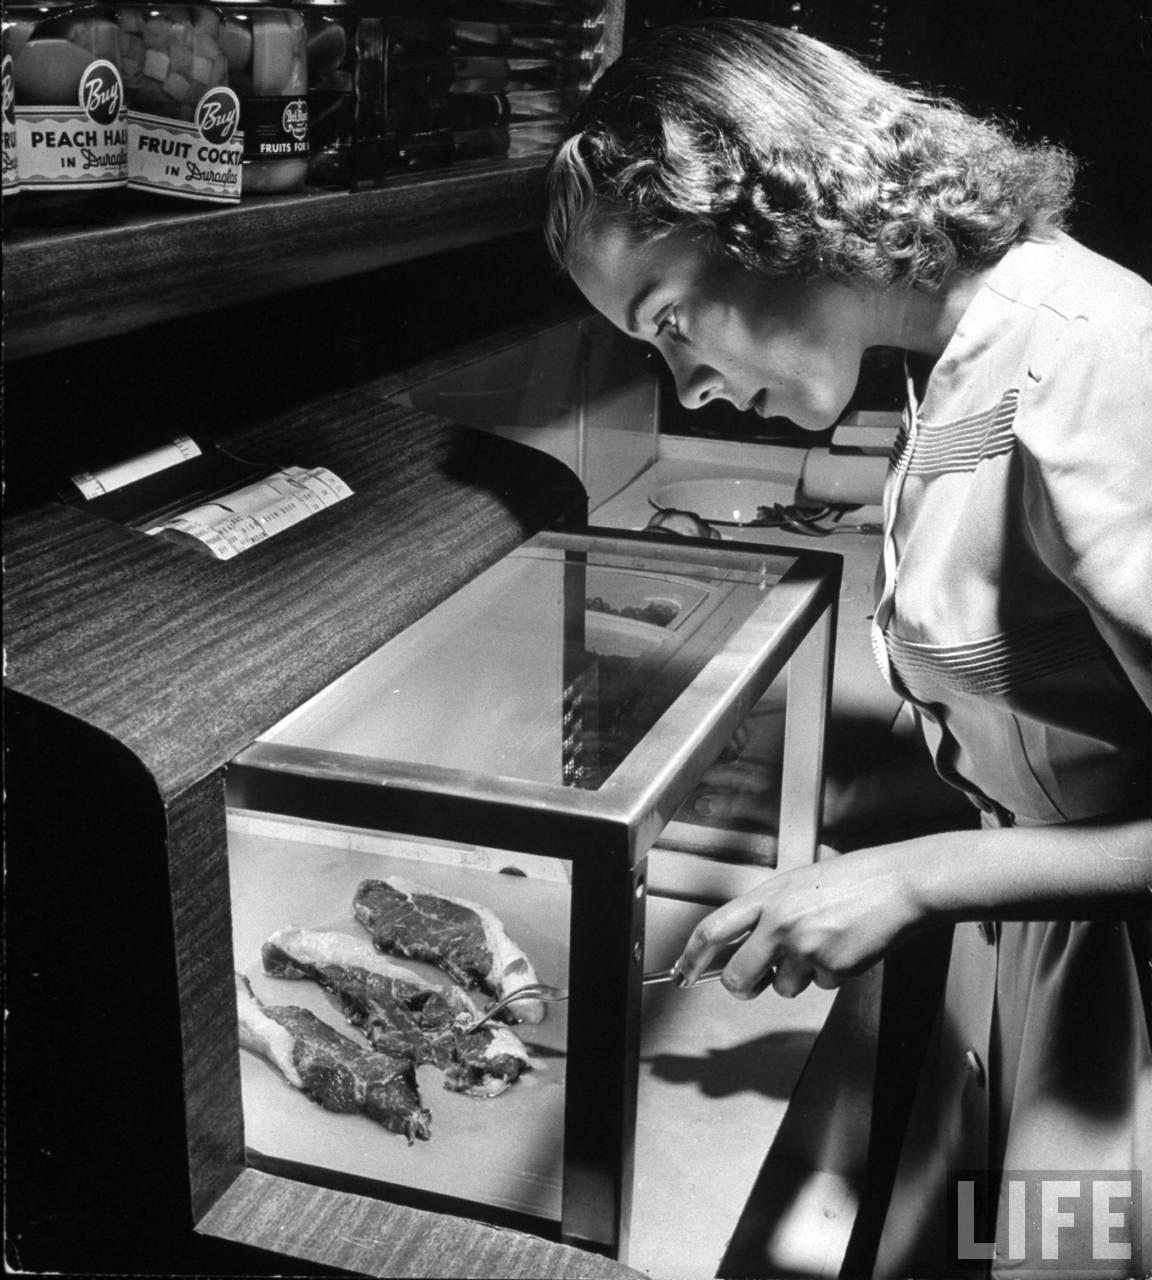 The Kitchen of Tomorrow (Life magazine, 1943)